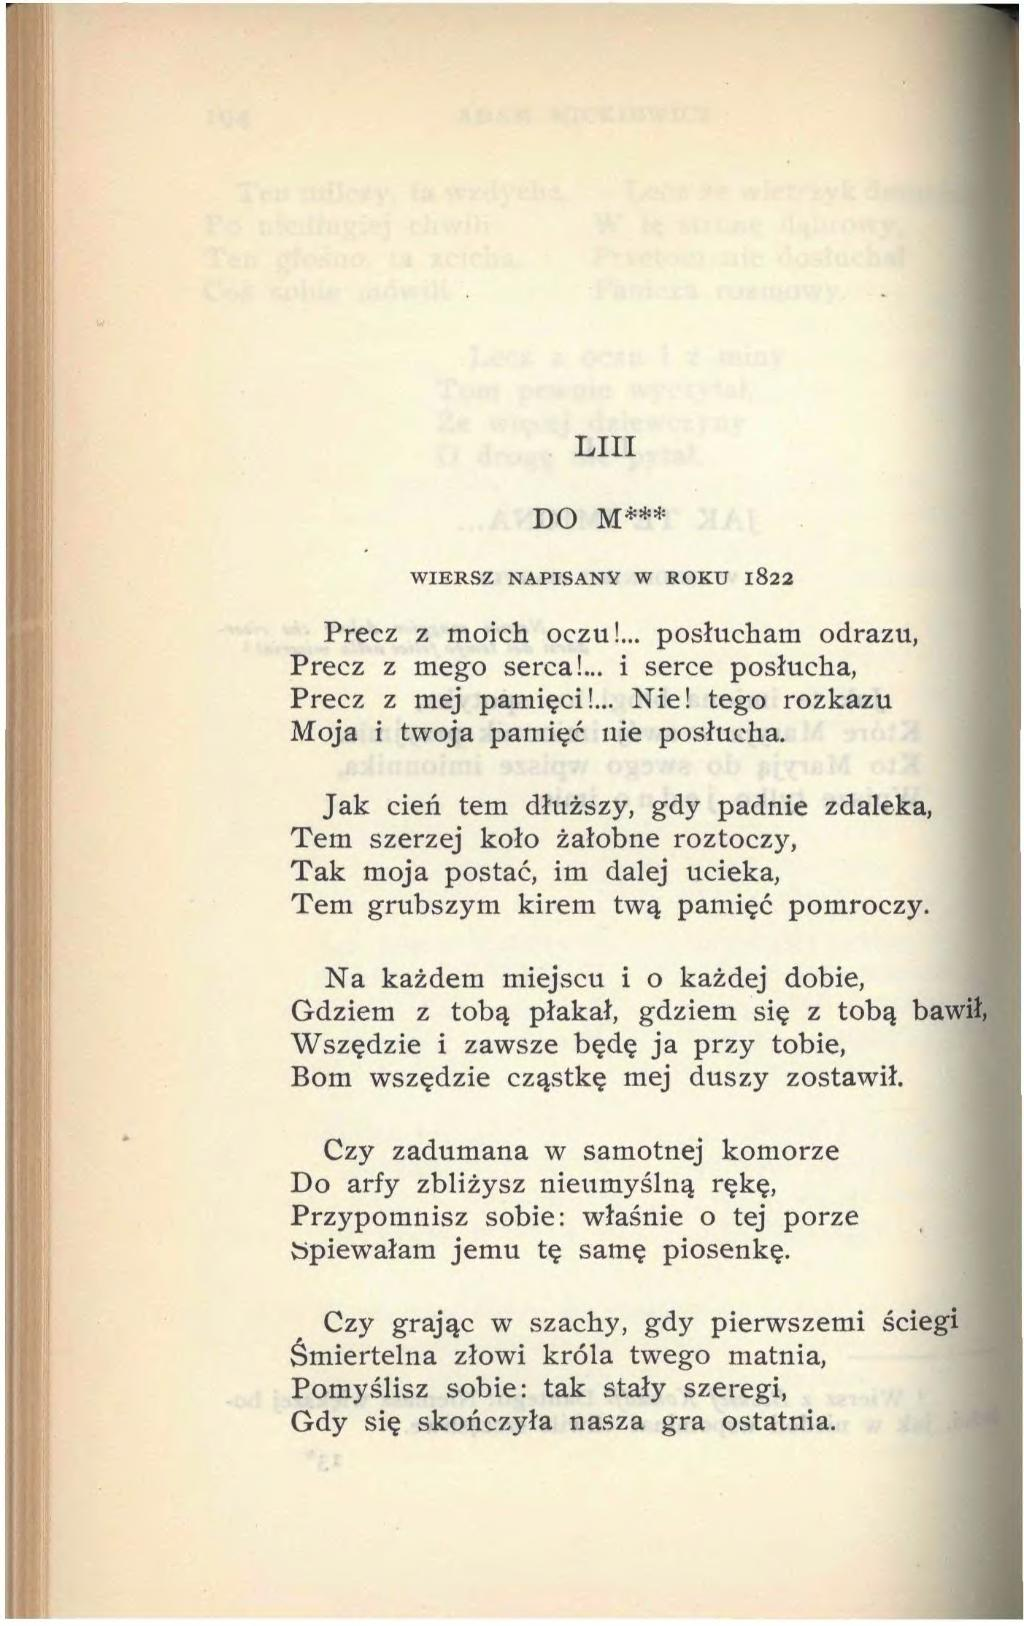 Stronapl Adam Mickiewicz Poezje 1929djvu216